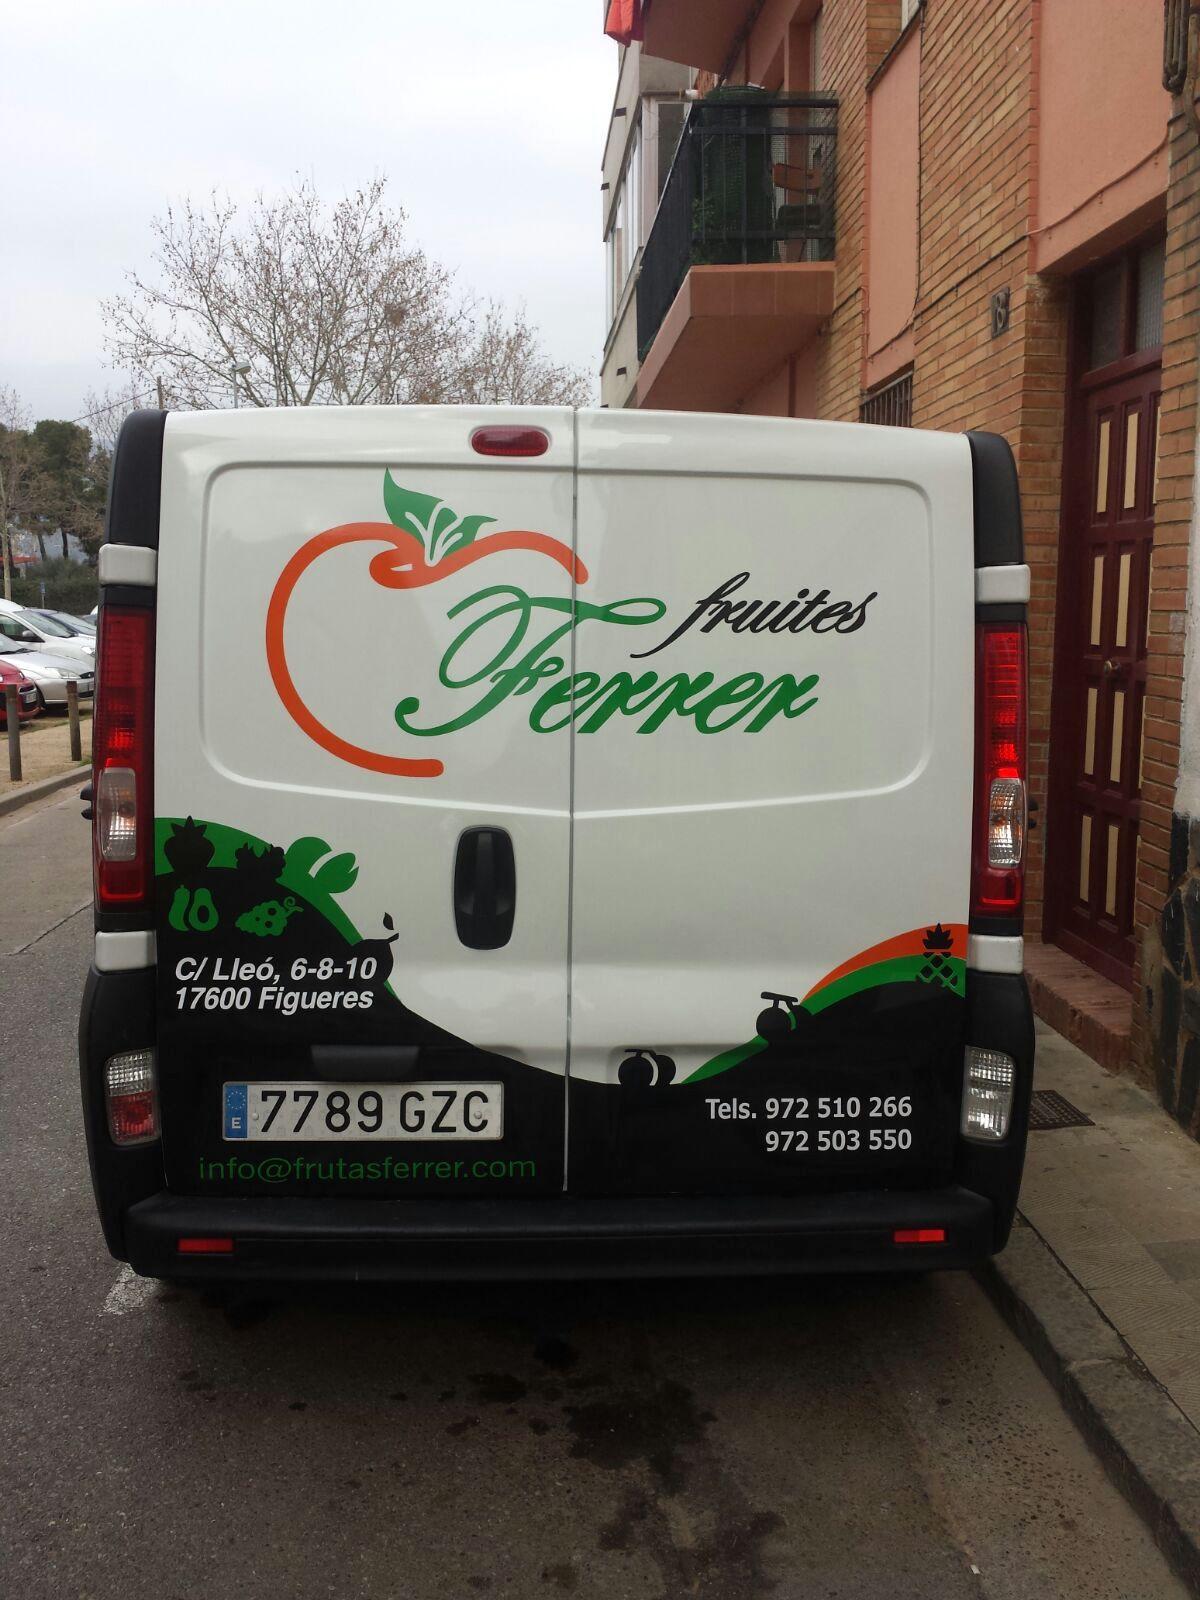 FRUITESFERRER3 - Retolació vehicles